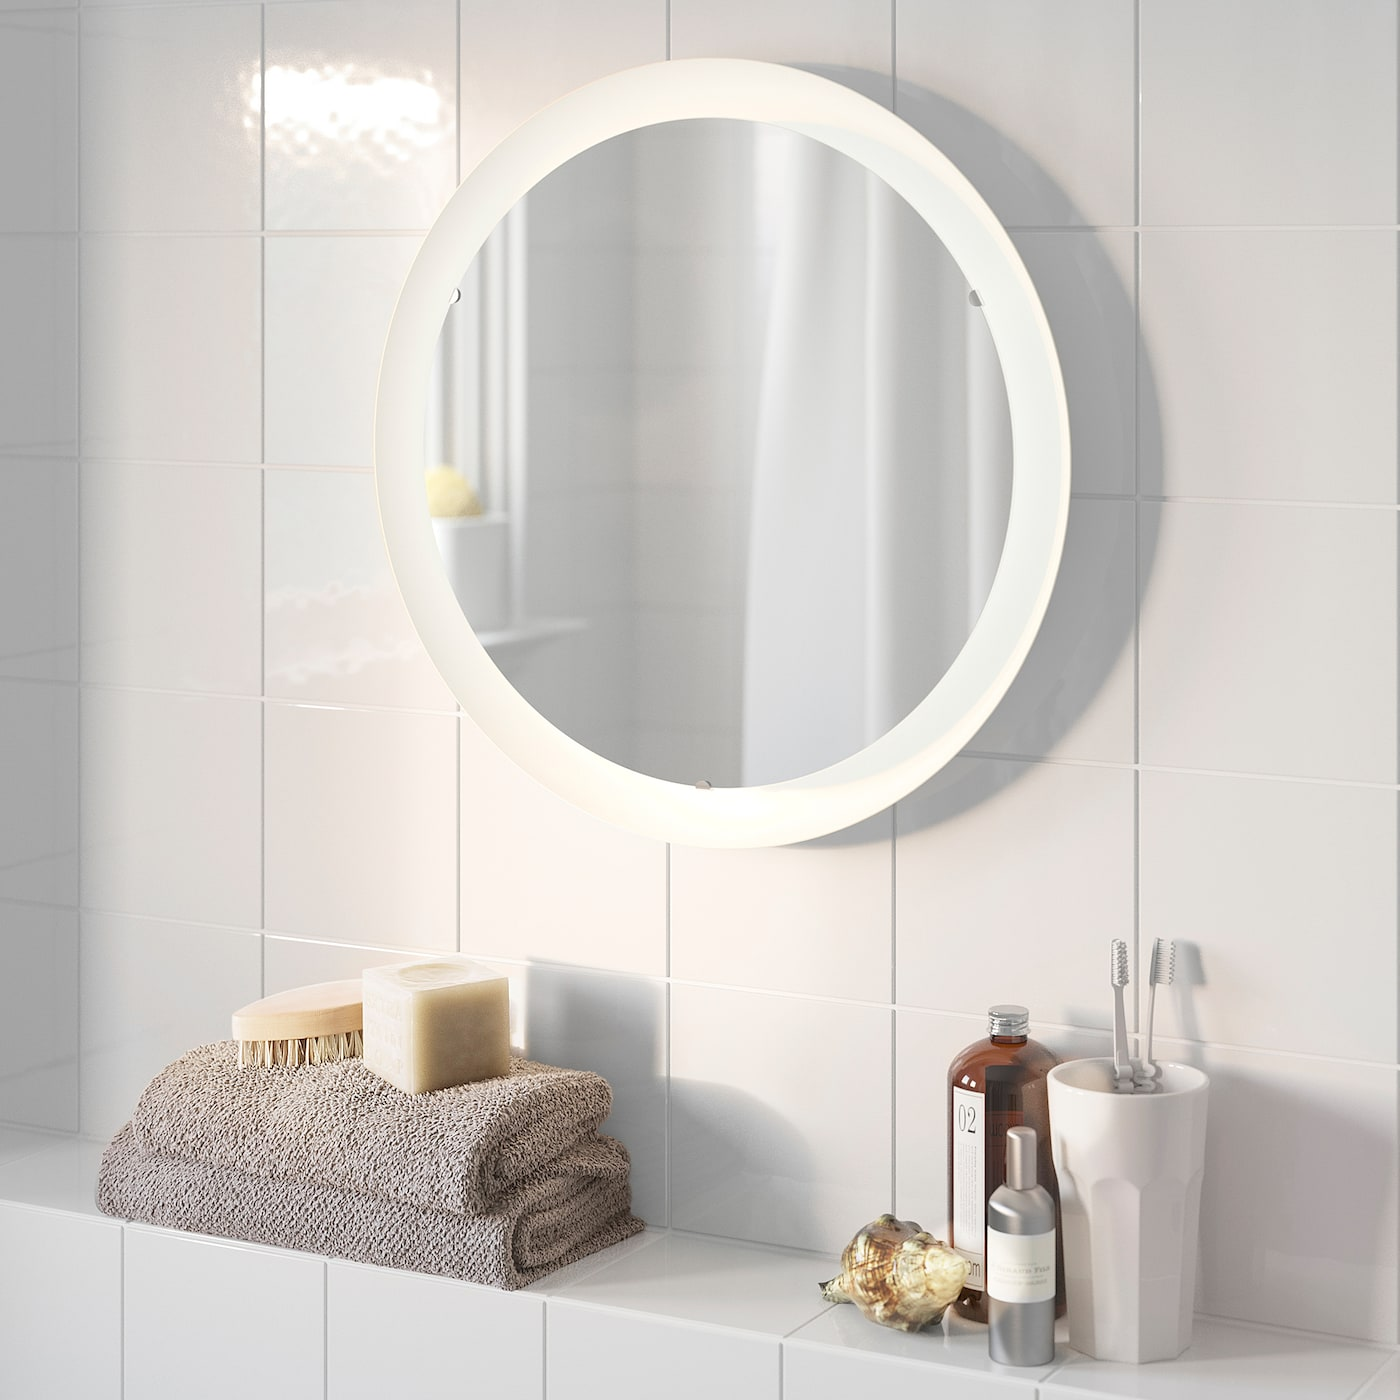 Picture of: Storjorm Spejl Med Integreret Belysning Hvid 47 Cm Ikea